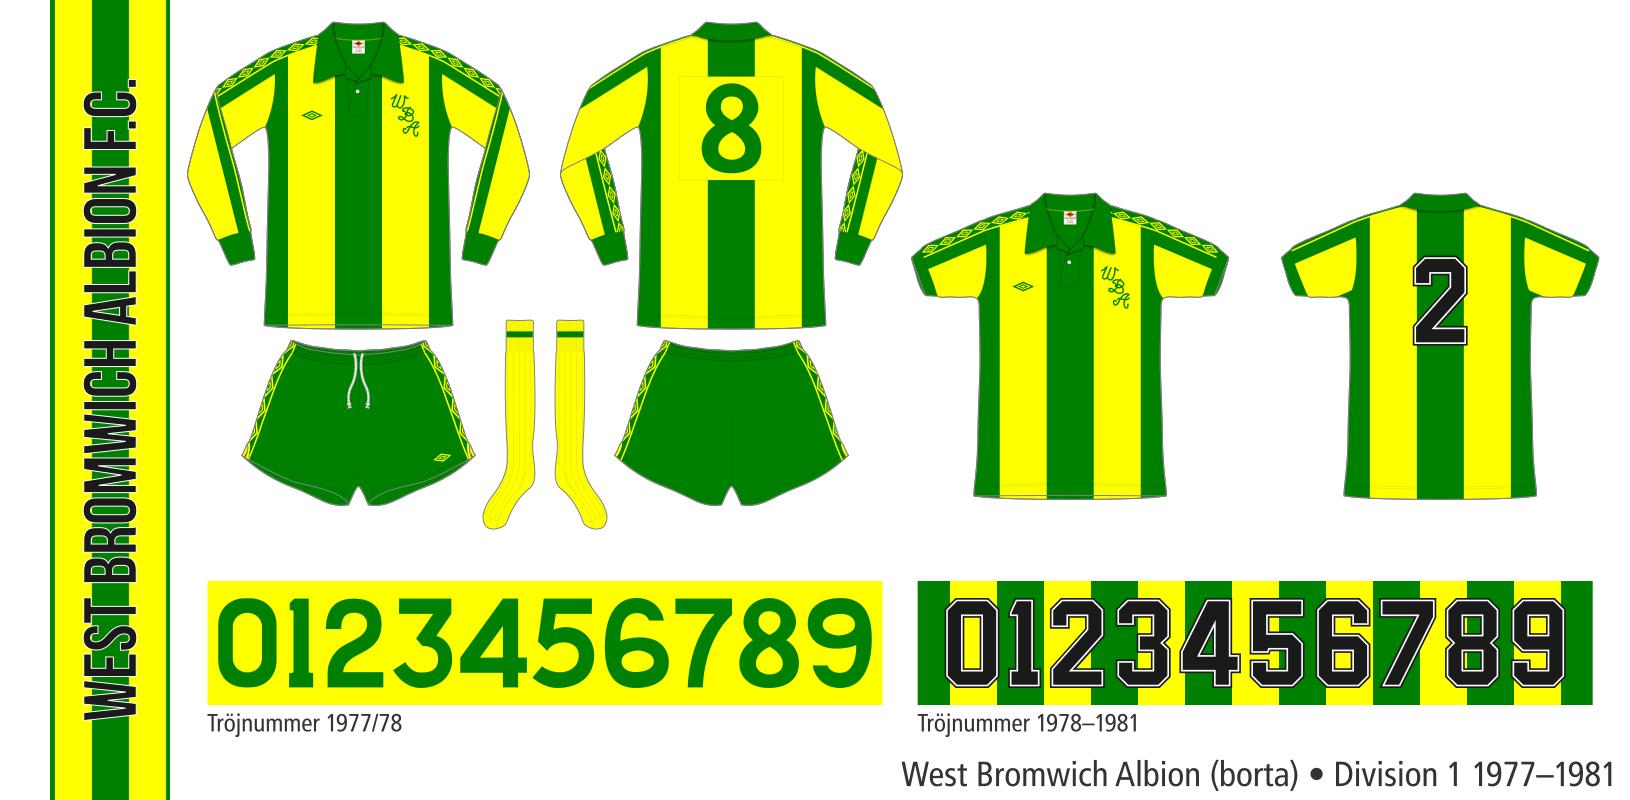 West Bromwich Albion 1977–1981 (borta)